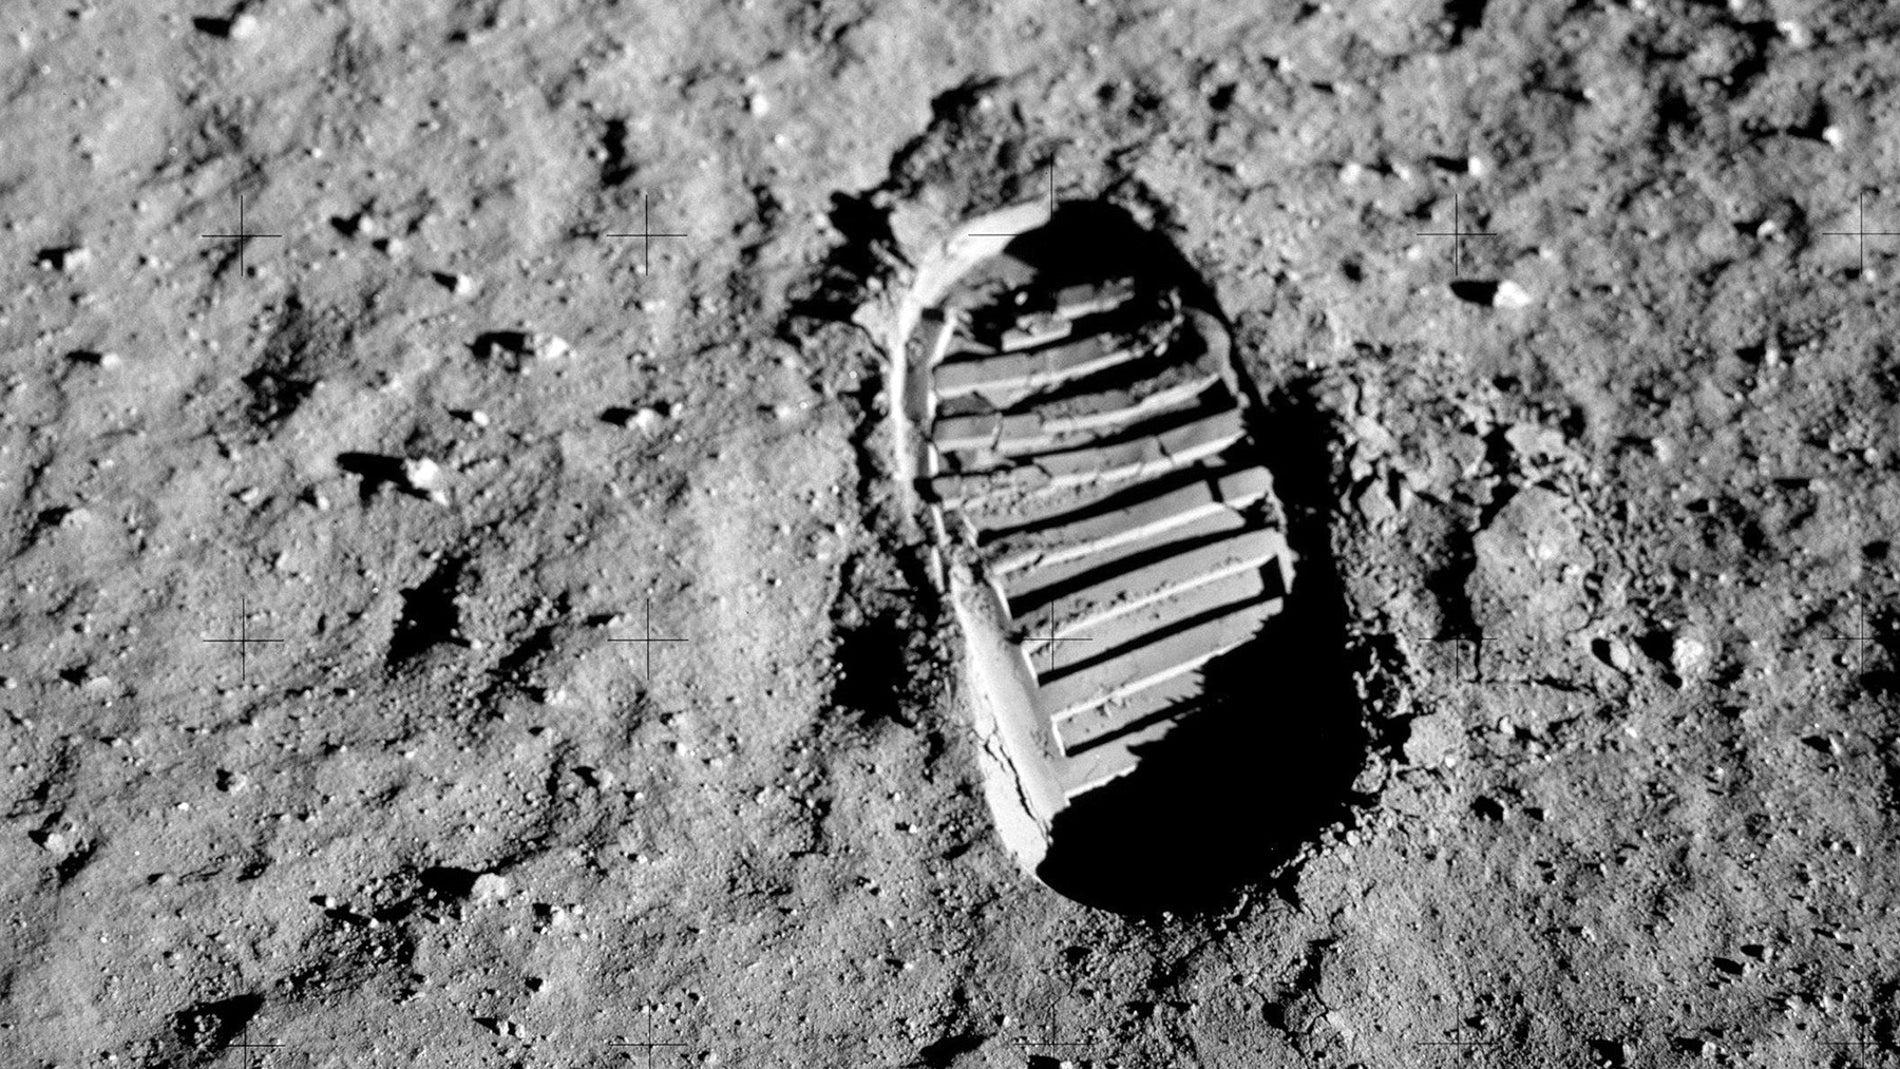 Que pasara con las primeras huellas humanas en la Luna